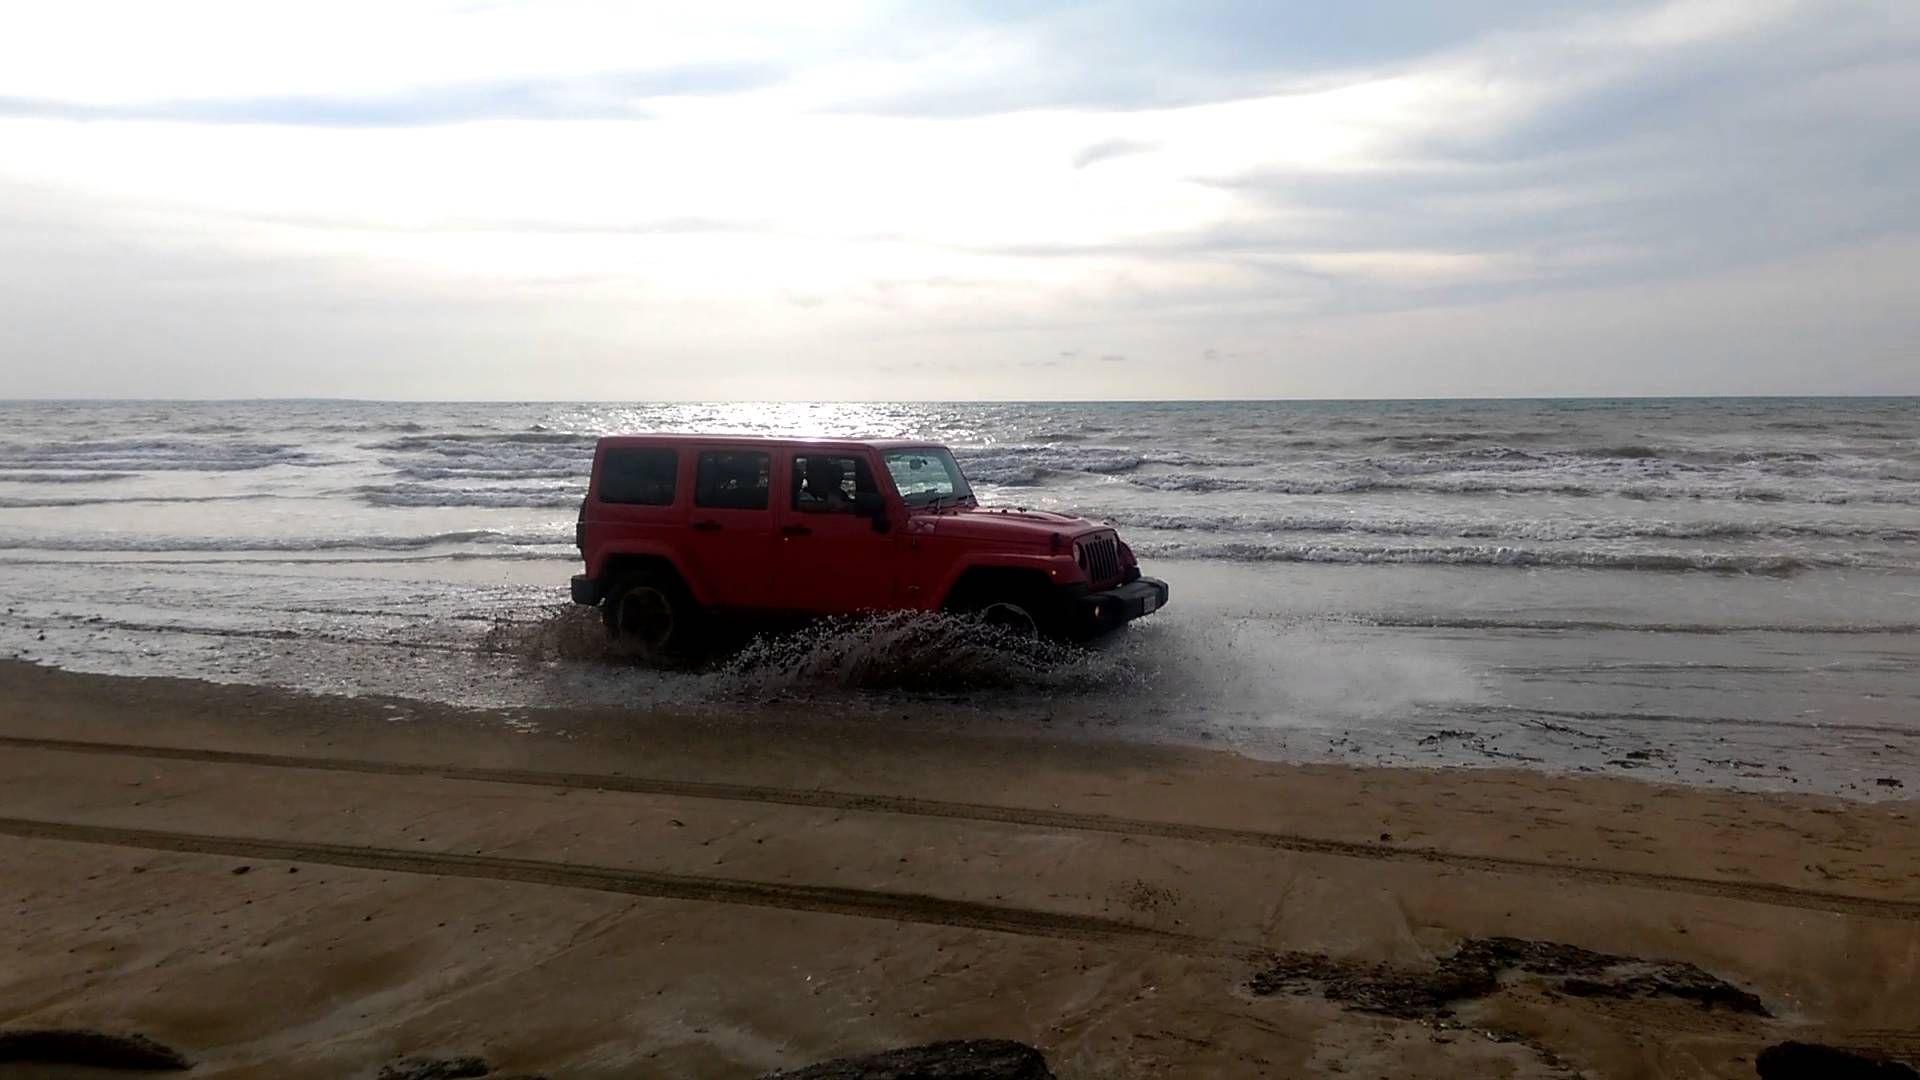 Beach Drive Fun With Jeep Wrangler At Gunn Point Nt Australia